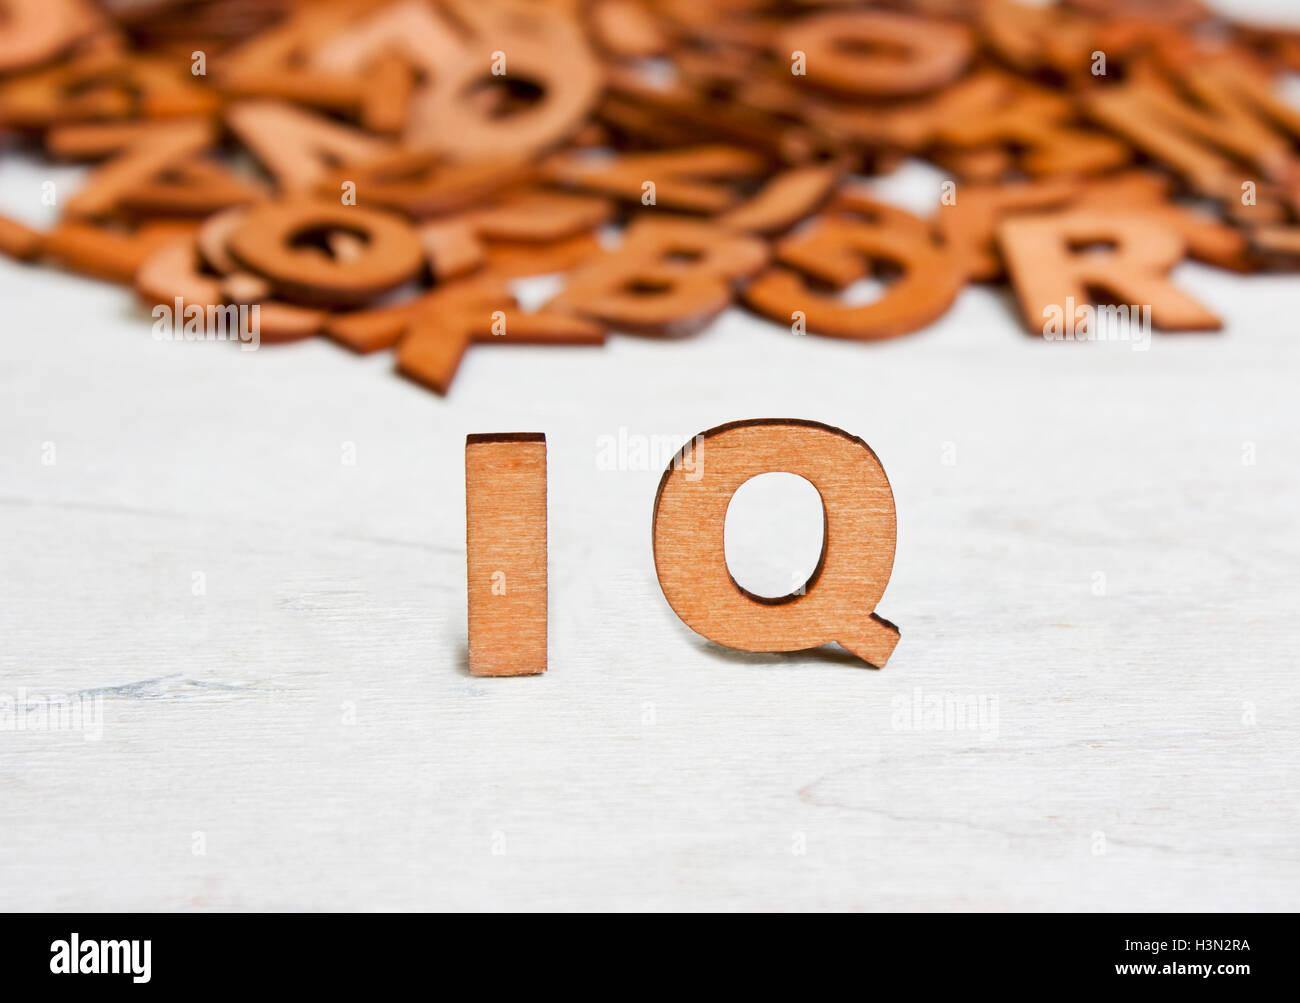 Parola IQ (quoziente di intelligenza ) realizzato con lettere in legno su uno sfondo di altre lettere sfocate Immagini Stock